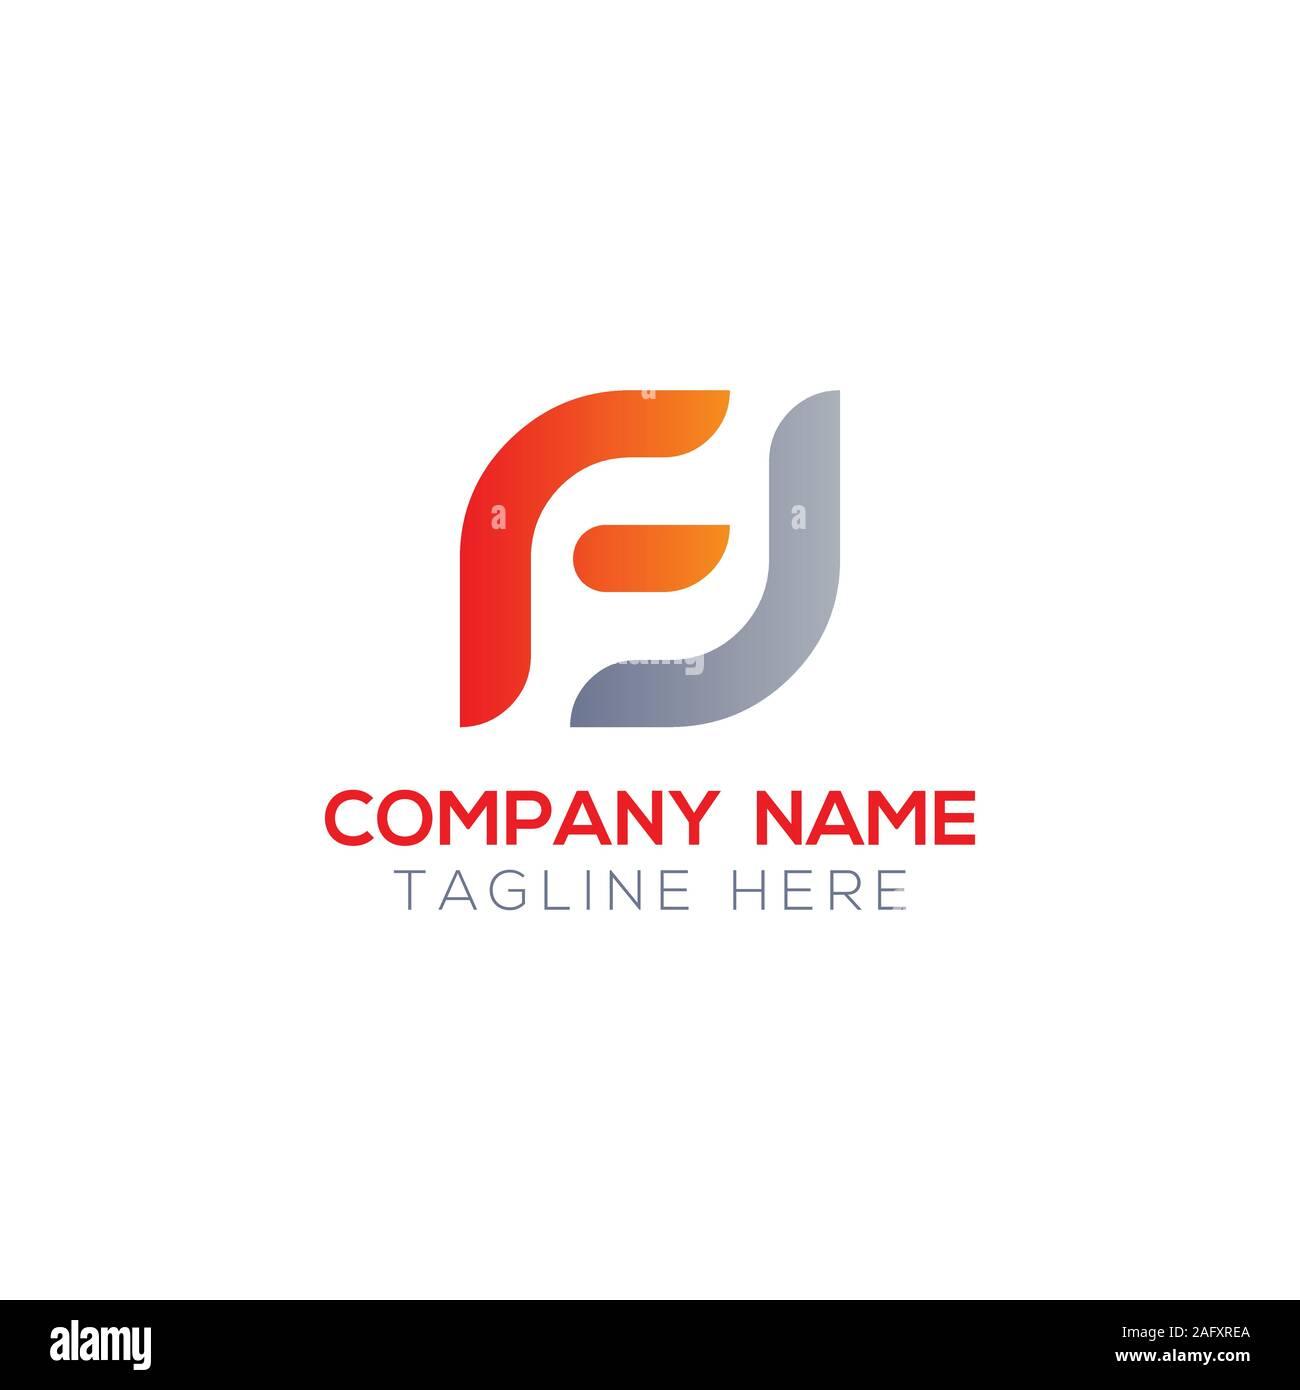 Ff logo Logos of